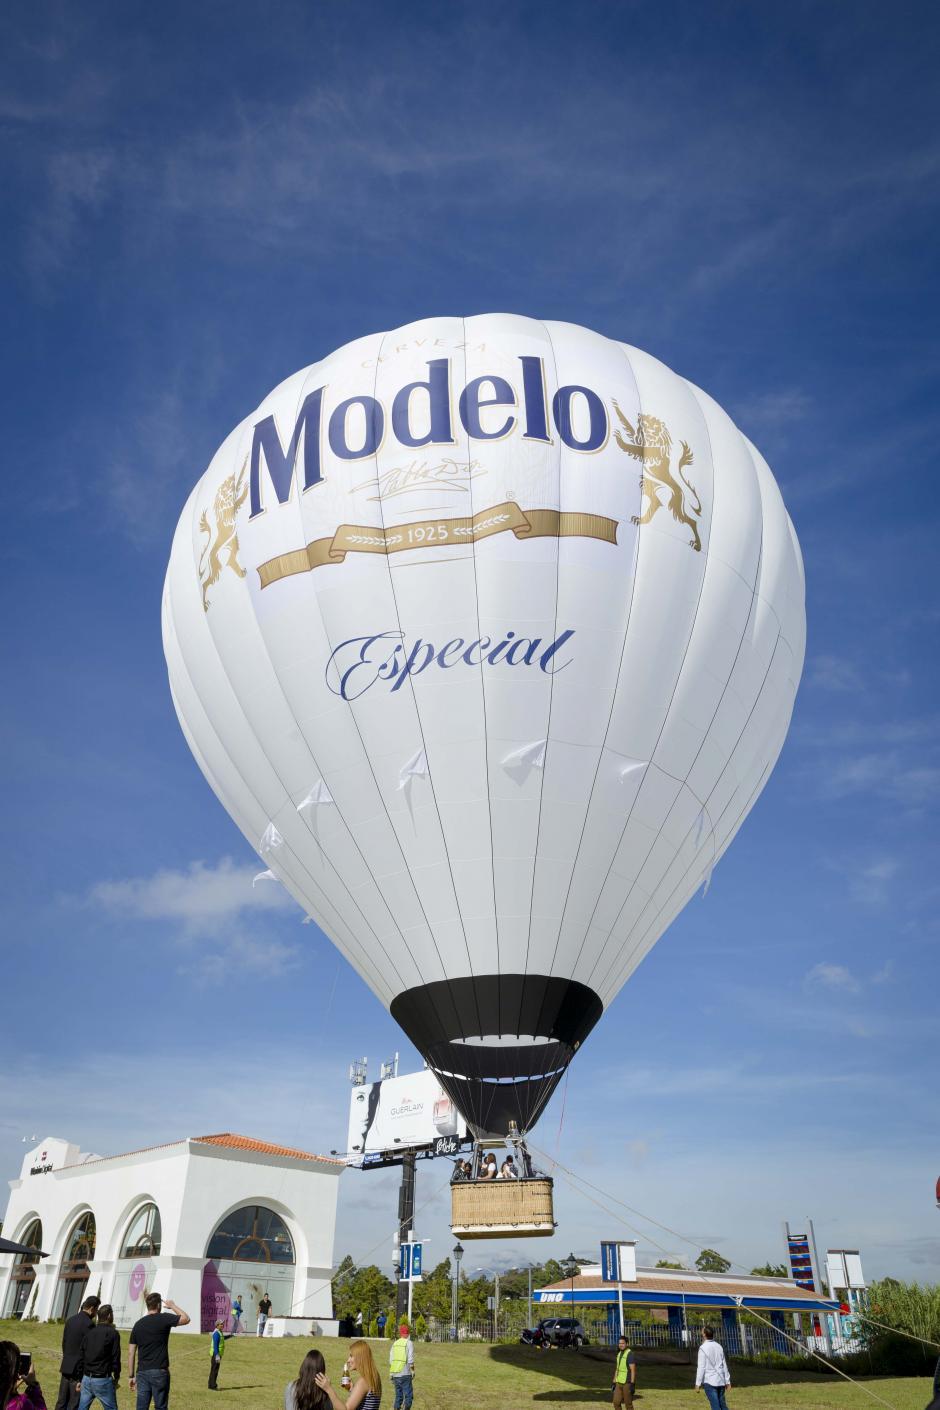 La ubicación del globo aerostático en la ciudad está pendiente de confirmar. (Foto: George Rojas/Soy502)